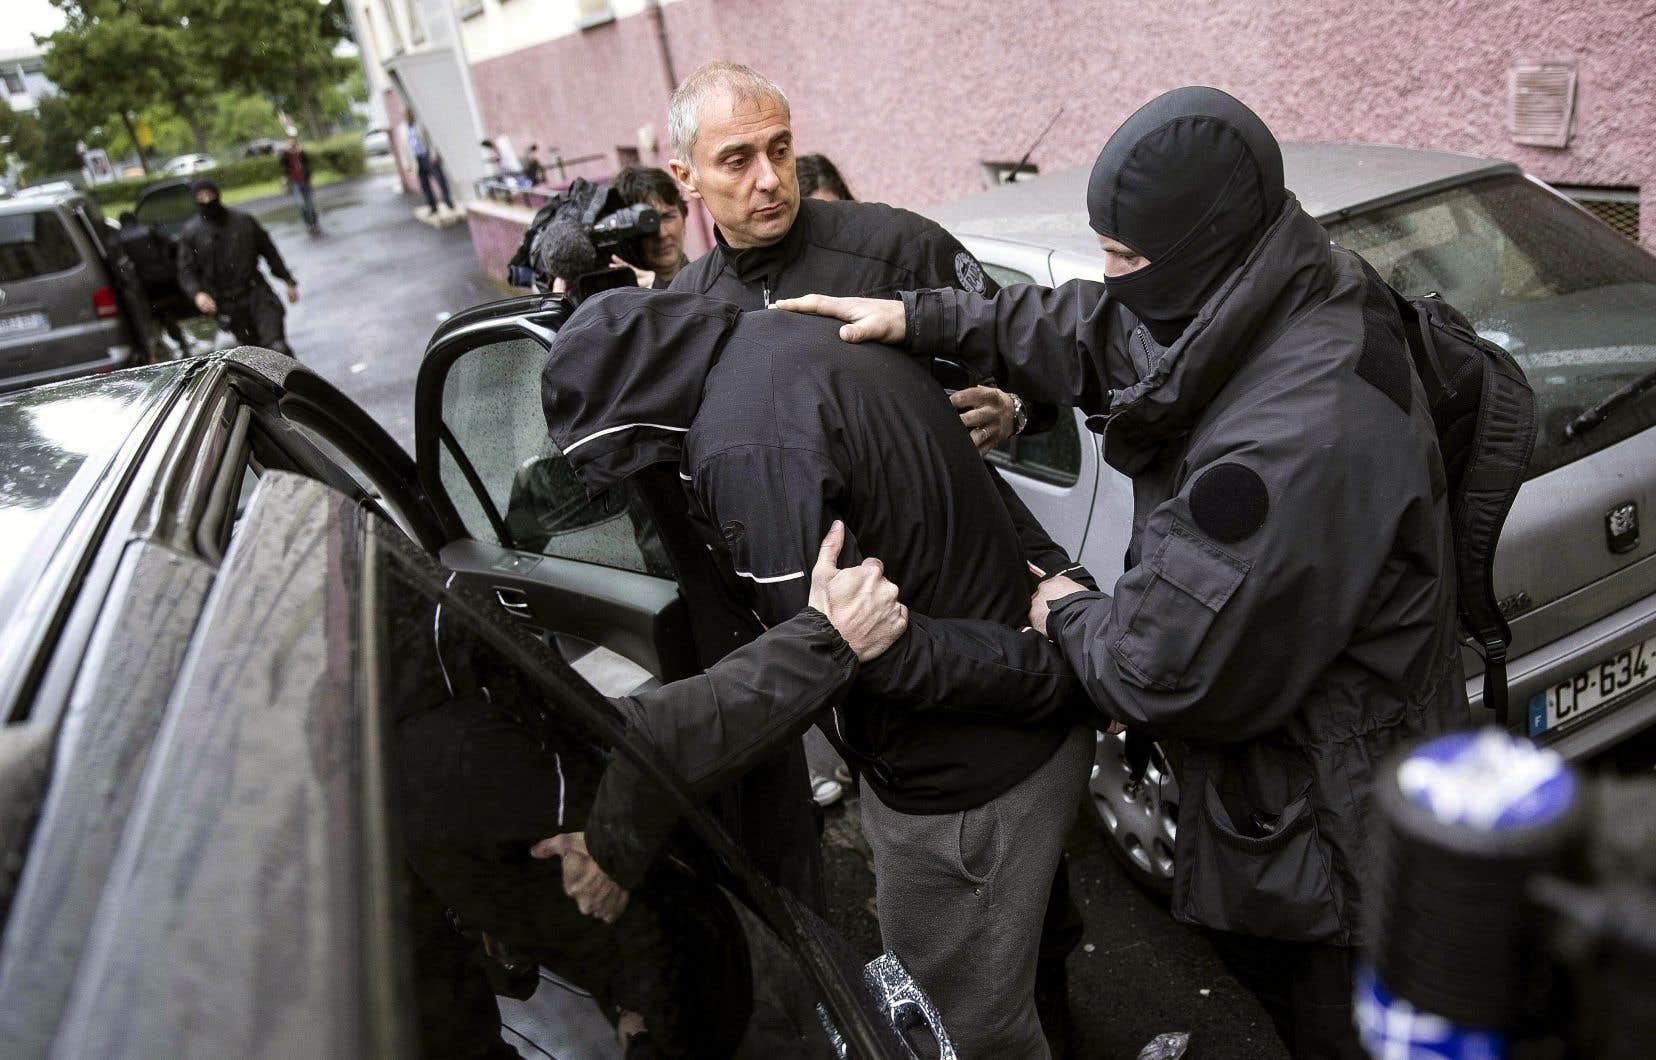 Arrestation d'un présumé djihadiste à Strasboug en 2014. L'étude de Marc Hecker «permet de mieux comprendre les processus de radicalisation et de basculement dans le terrorisme».